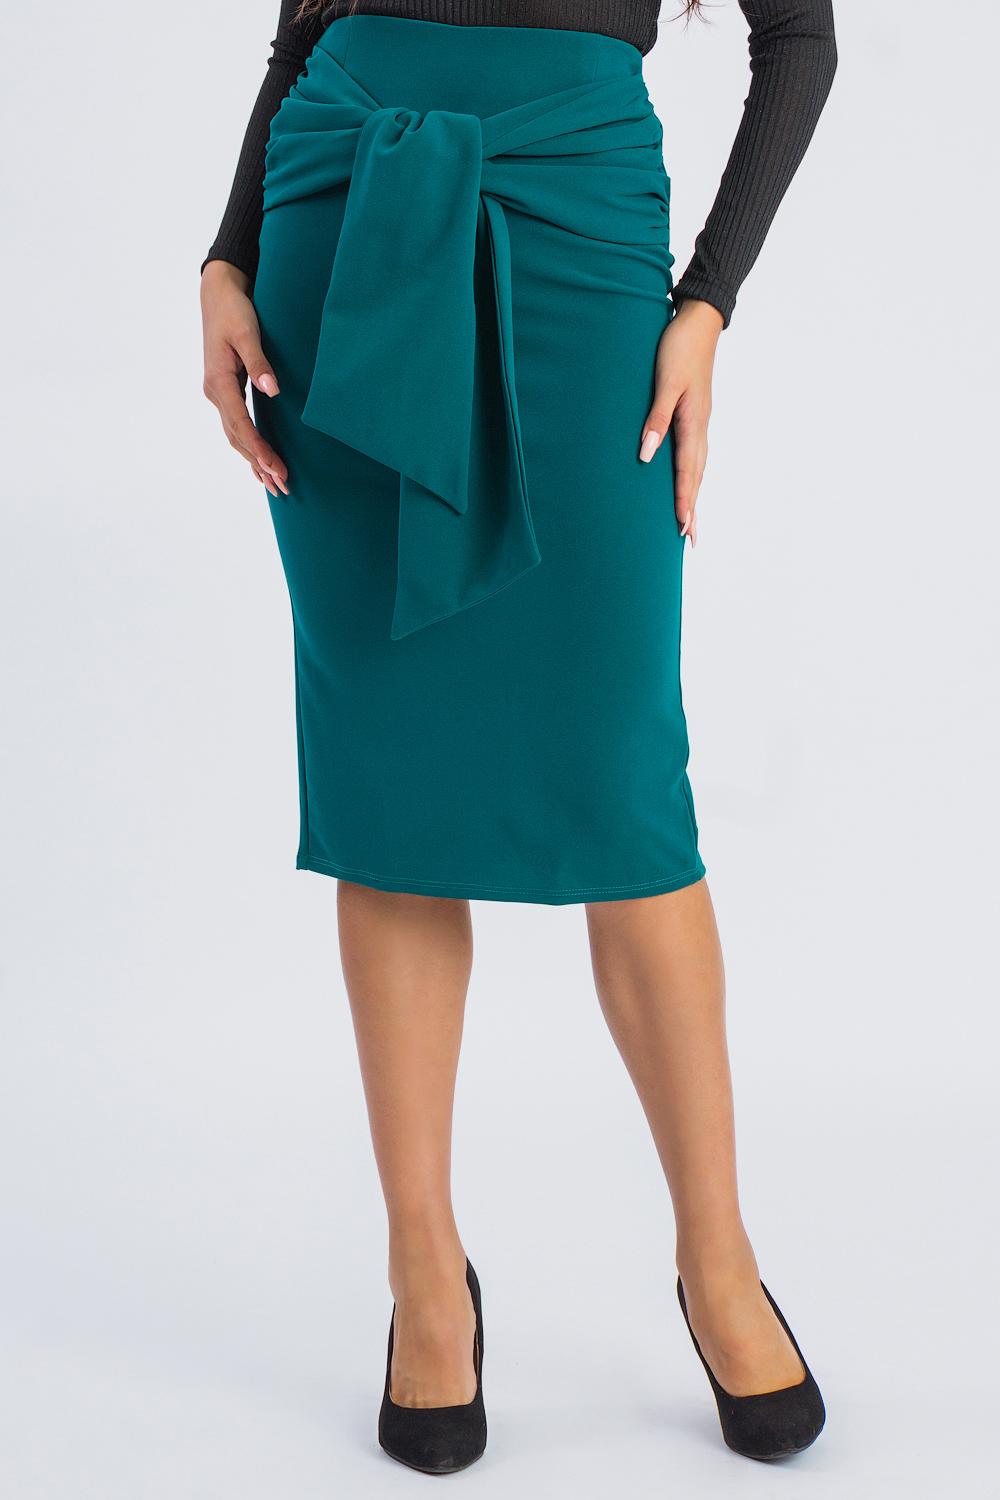 ЮбкаЮбки<br>Стильная юбка приталенного силуэта для современных модниц. Эта оригинальная юбка подчеркнет Ваши стройные ножки и чувство индивидуальности.  Юбка quot;карандашquot;. На спинке средний шов со шлицей и молнией. Отлетные пояса втачены в боковые швы, завязываются на переде. Верхний срез на обтачке.   Цвет: темно-зеленый морской.  Рост девушки-фотомодели 173 см  Длина изделия (по боковому шву) - 71 ± 2 см<br><br>По длине: Ниже колена<br>По материалу: Трикотаж<br>По рисунку: Однотонные<br>По сезону: Зима,Осень,Весна<br>По силуэту: Приталенные<br>По стилю: Классический стиль,Кэжуал,Офисный стиль,Повседневный стиль<br>По форме: Юбка-карандаш<br>По элементам: С декором,Со складками<br>Разрез: Шлица<br>Застежка: С завязками,С молнией<br>Размер : 42,44,46,50<br>Материал: Трикотаж<br>Количество в наличии: 9